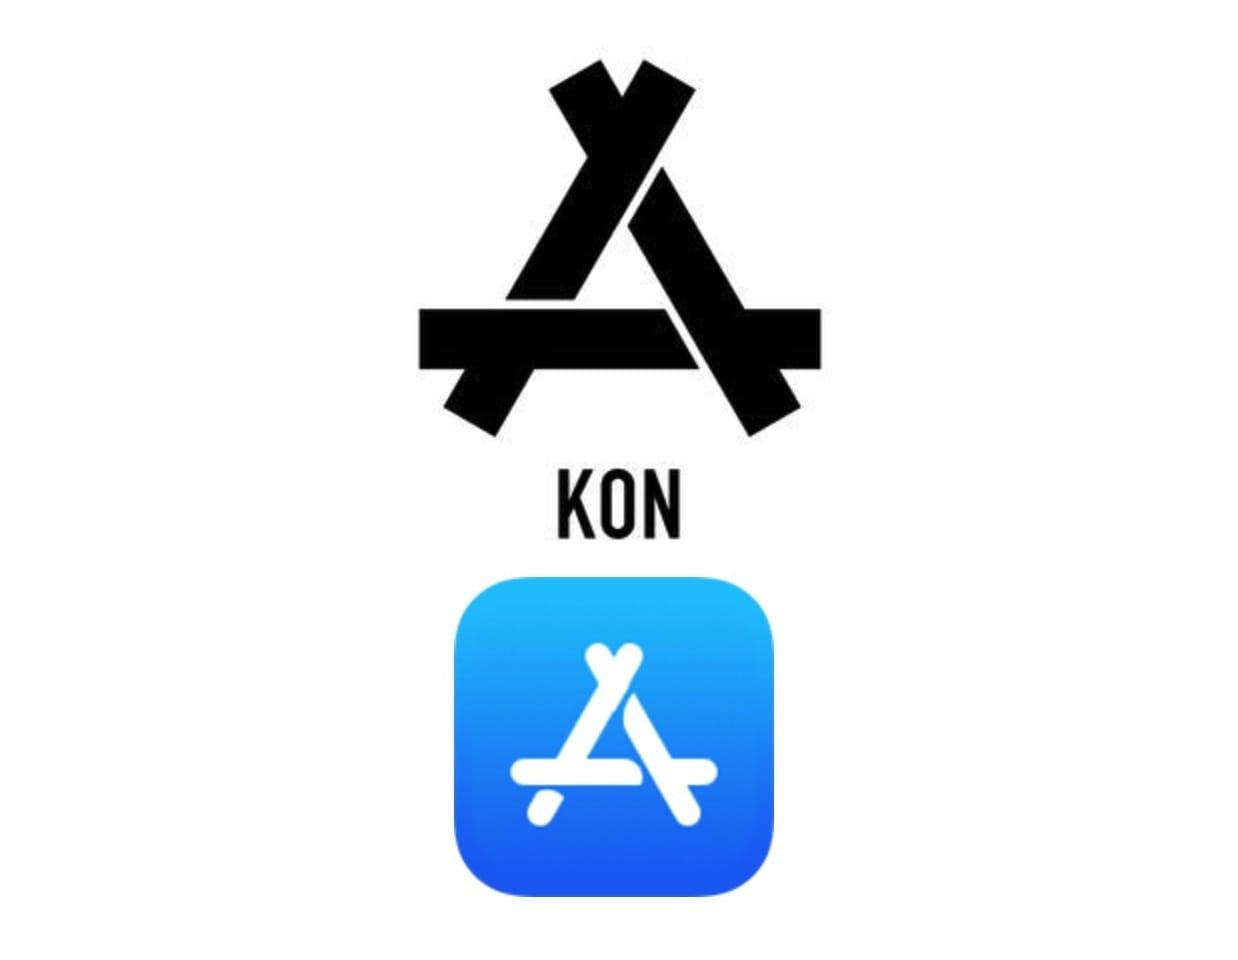 Kon vs. Apple